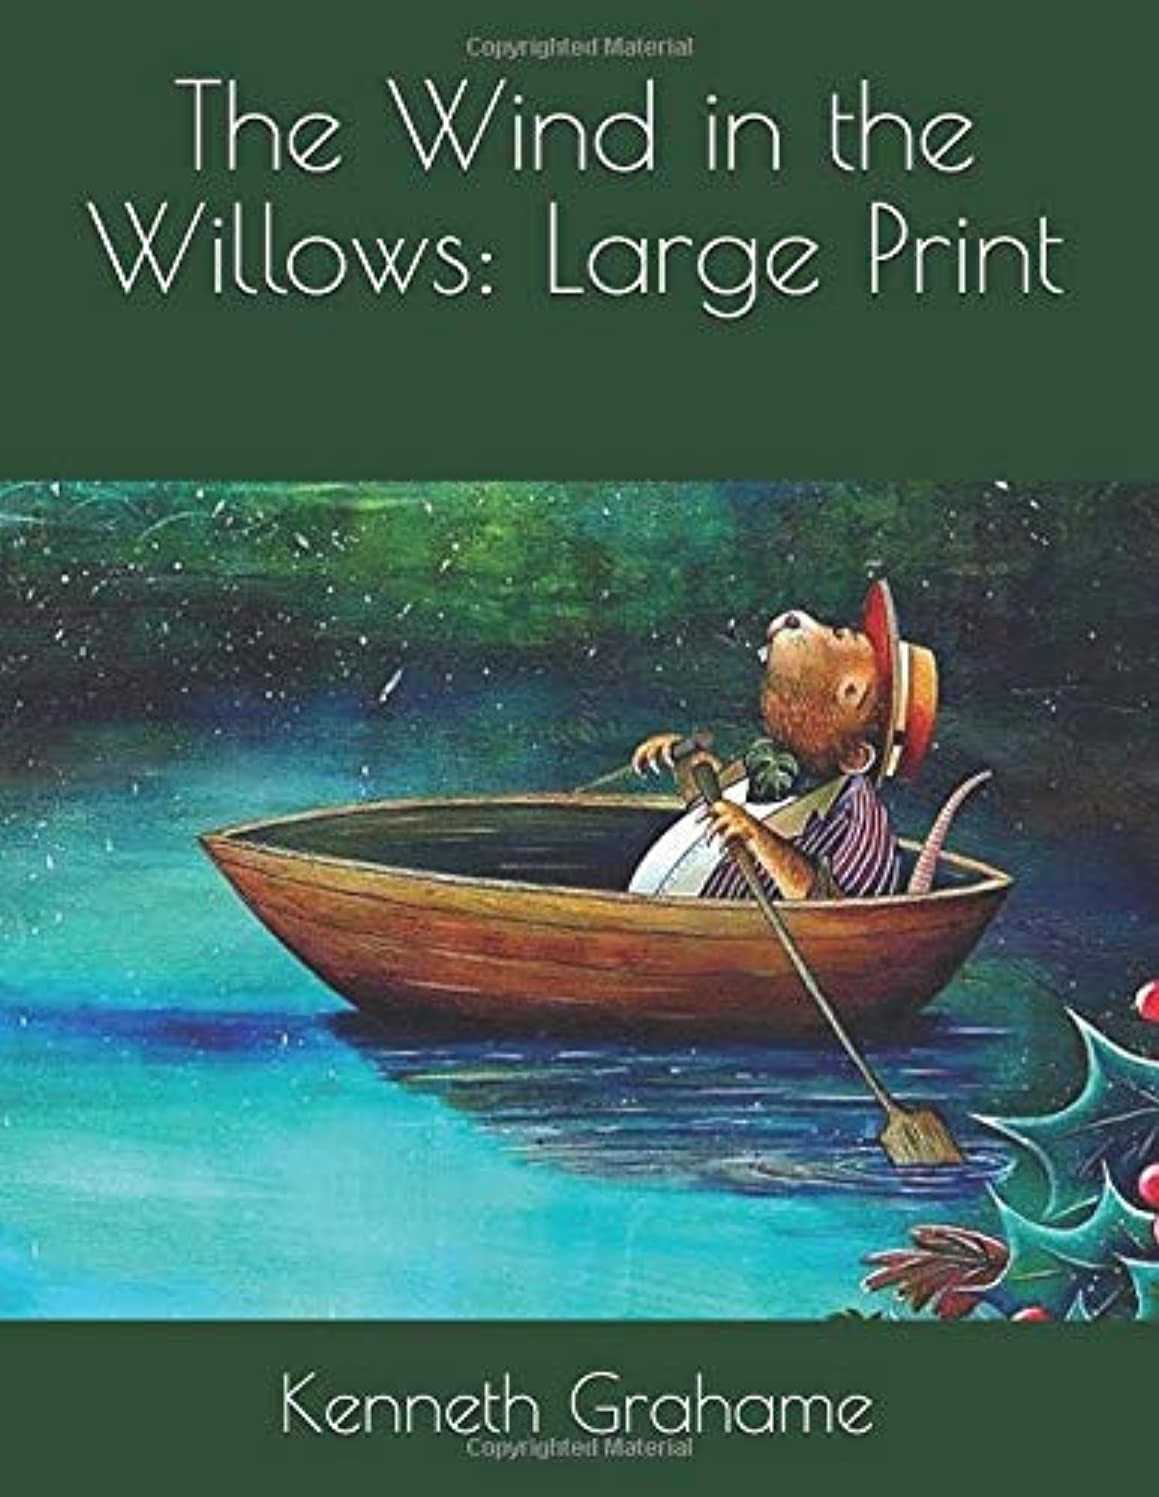 つぶやきパシフィック製油所The Wind in the Willows: Large Print